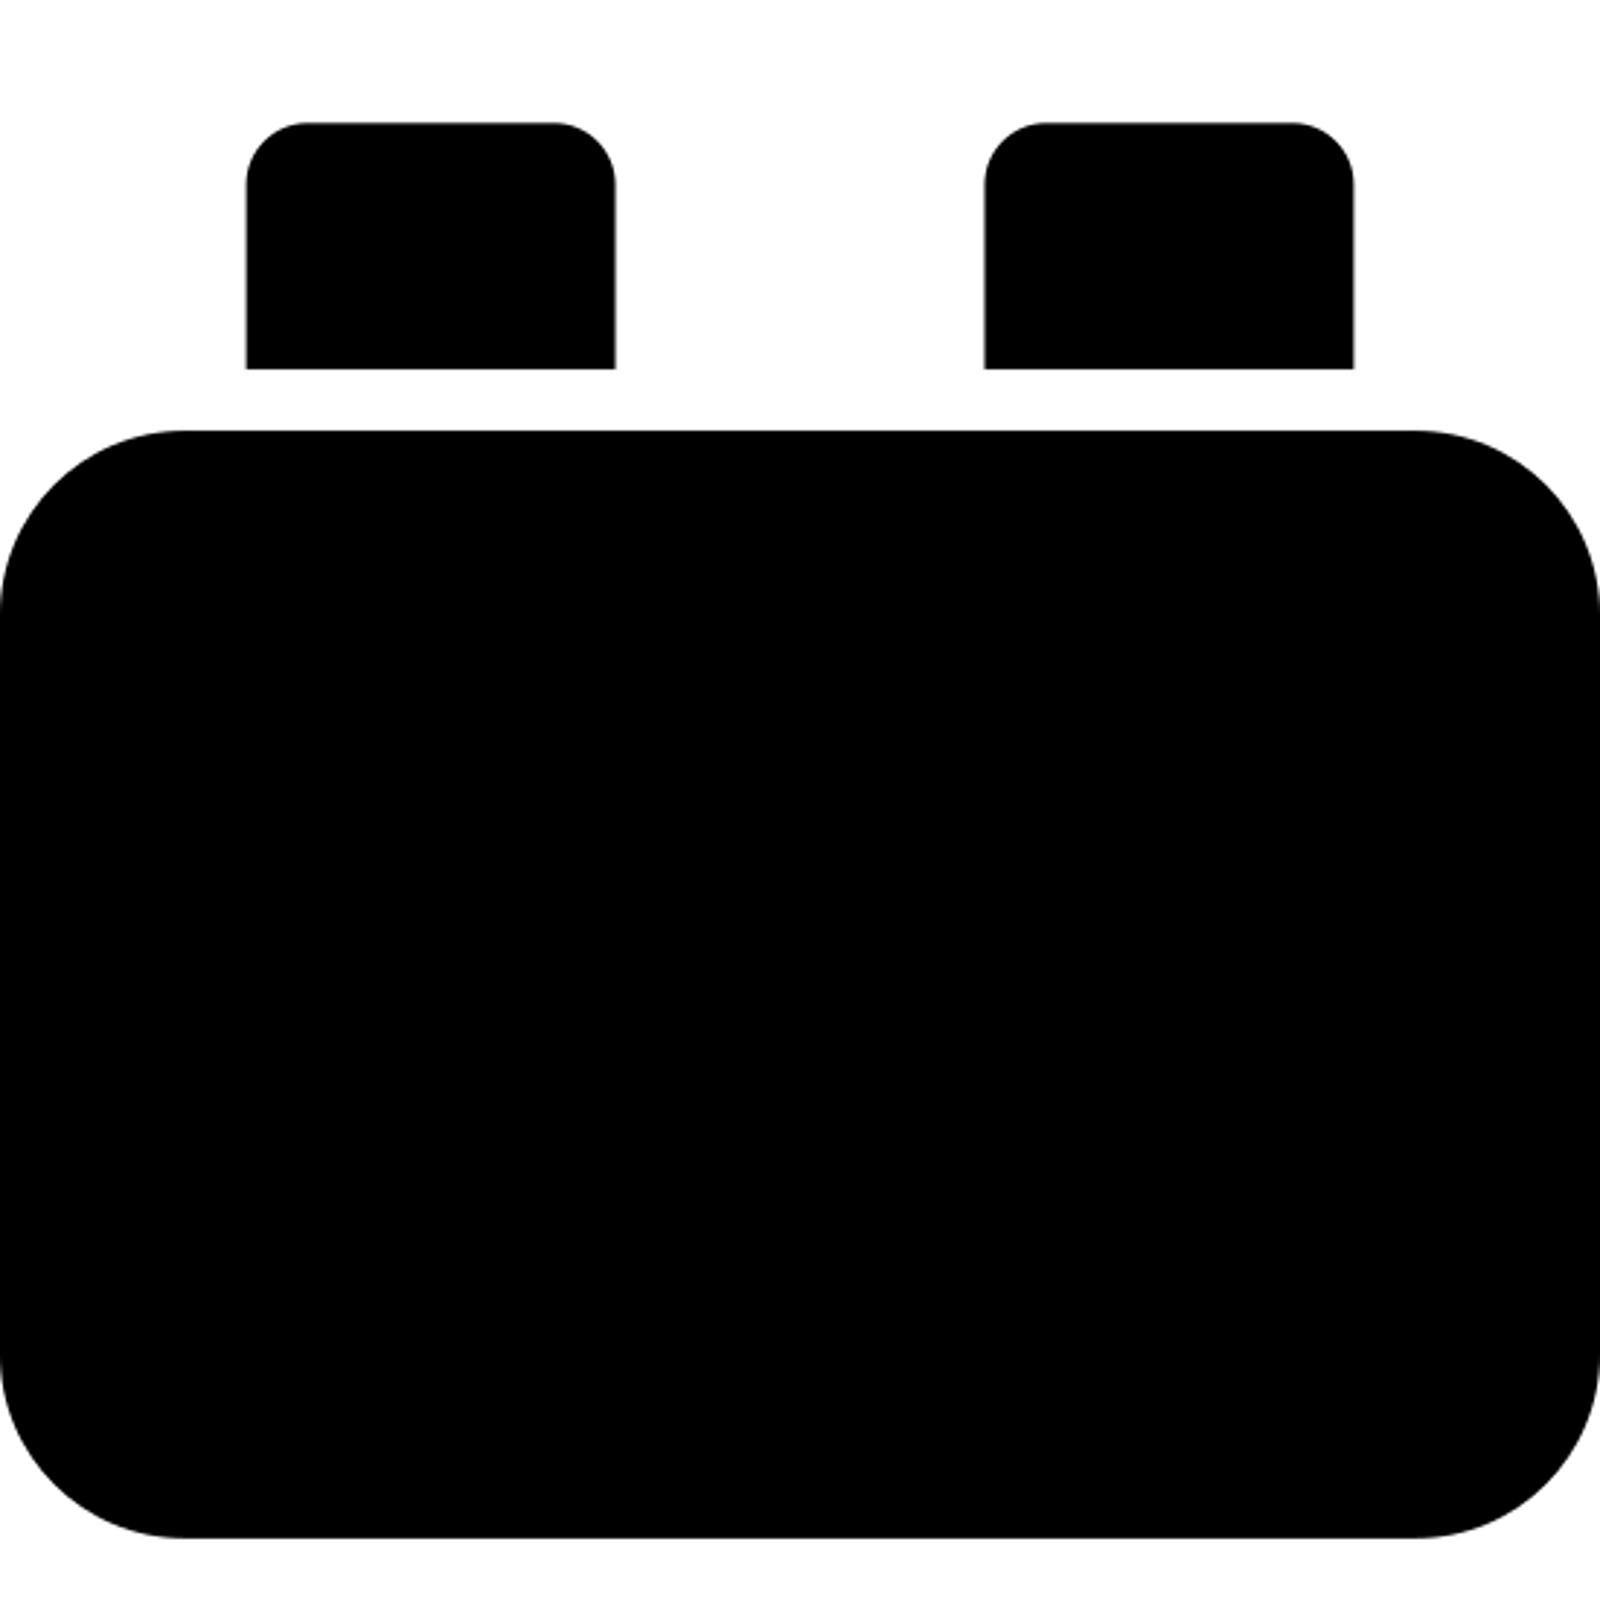 プラグイン icon